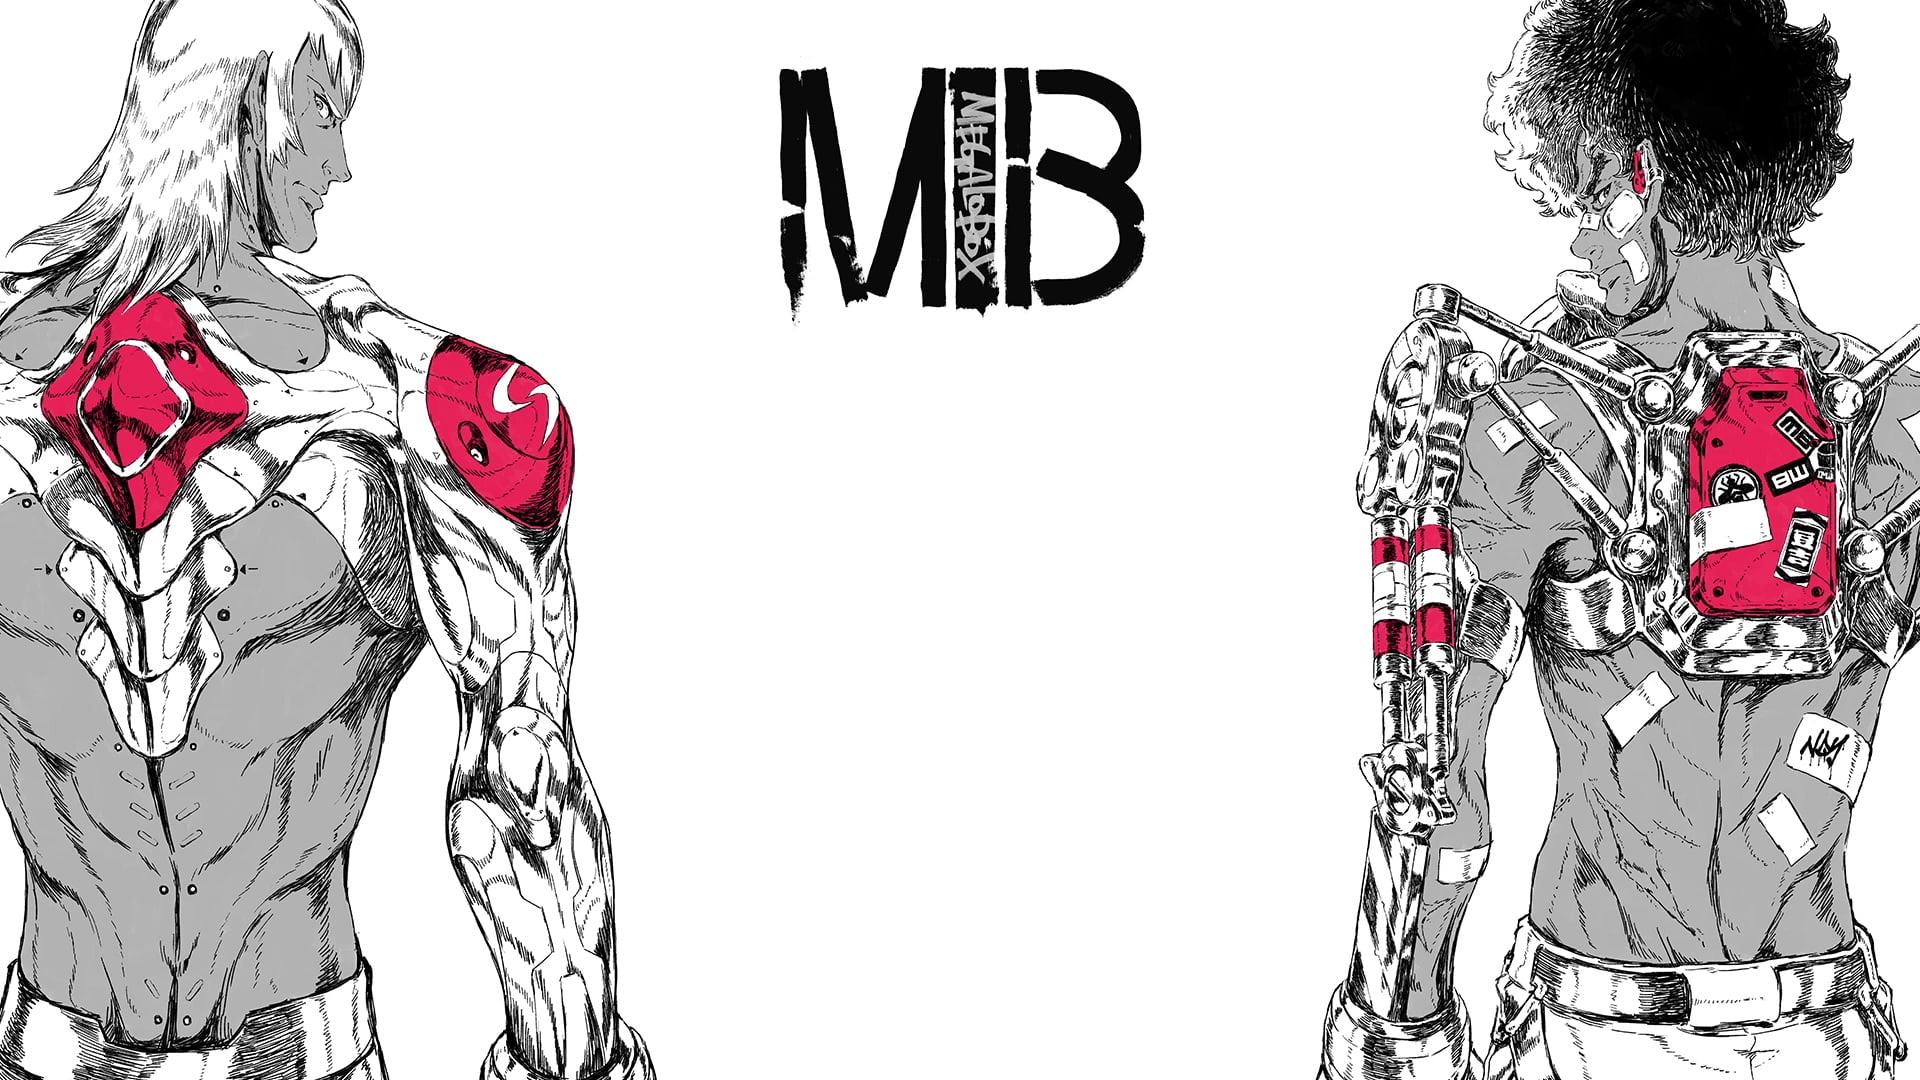 1003103 - Megalo Box Tanıtım ve İnceleme - Figurex Anime Tanıtımları